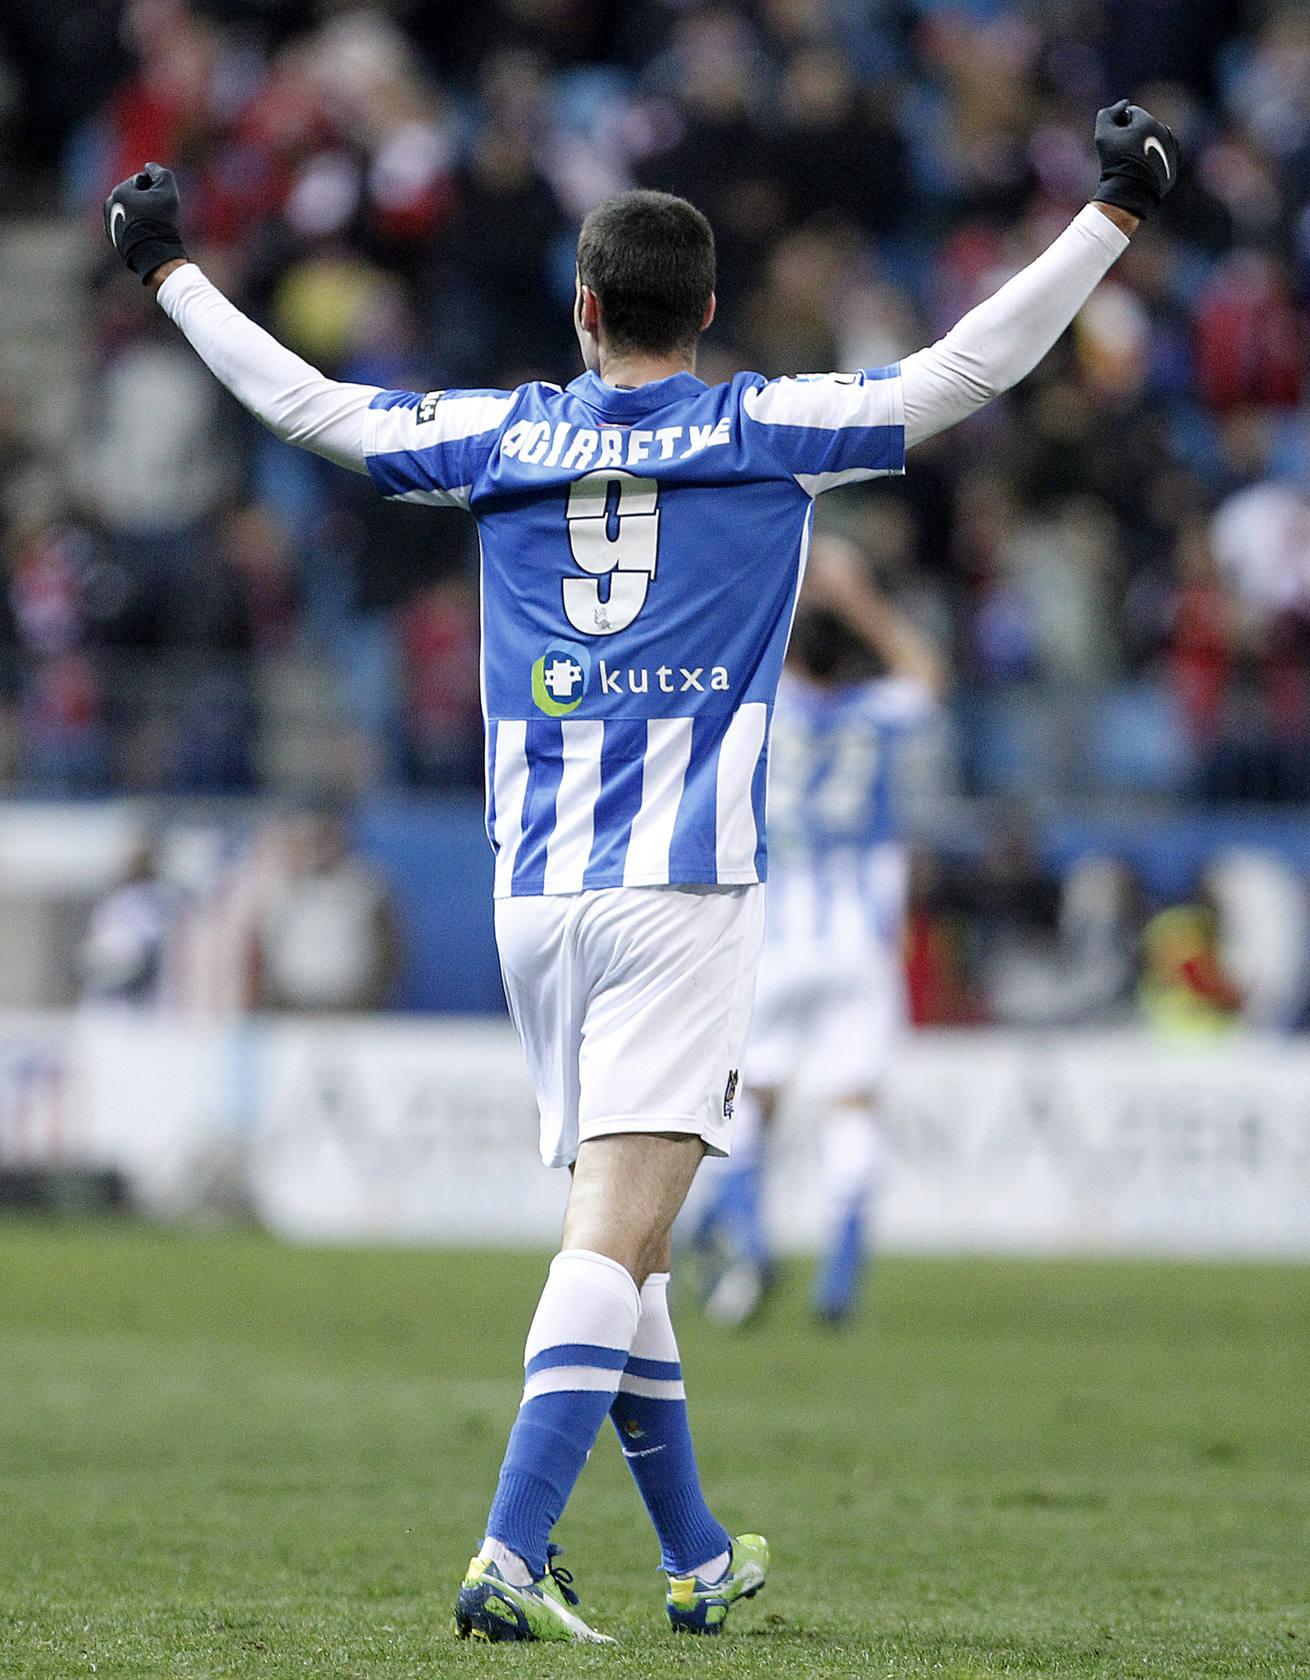 Triunfo de la Real en el Calderón